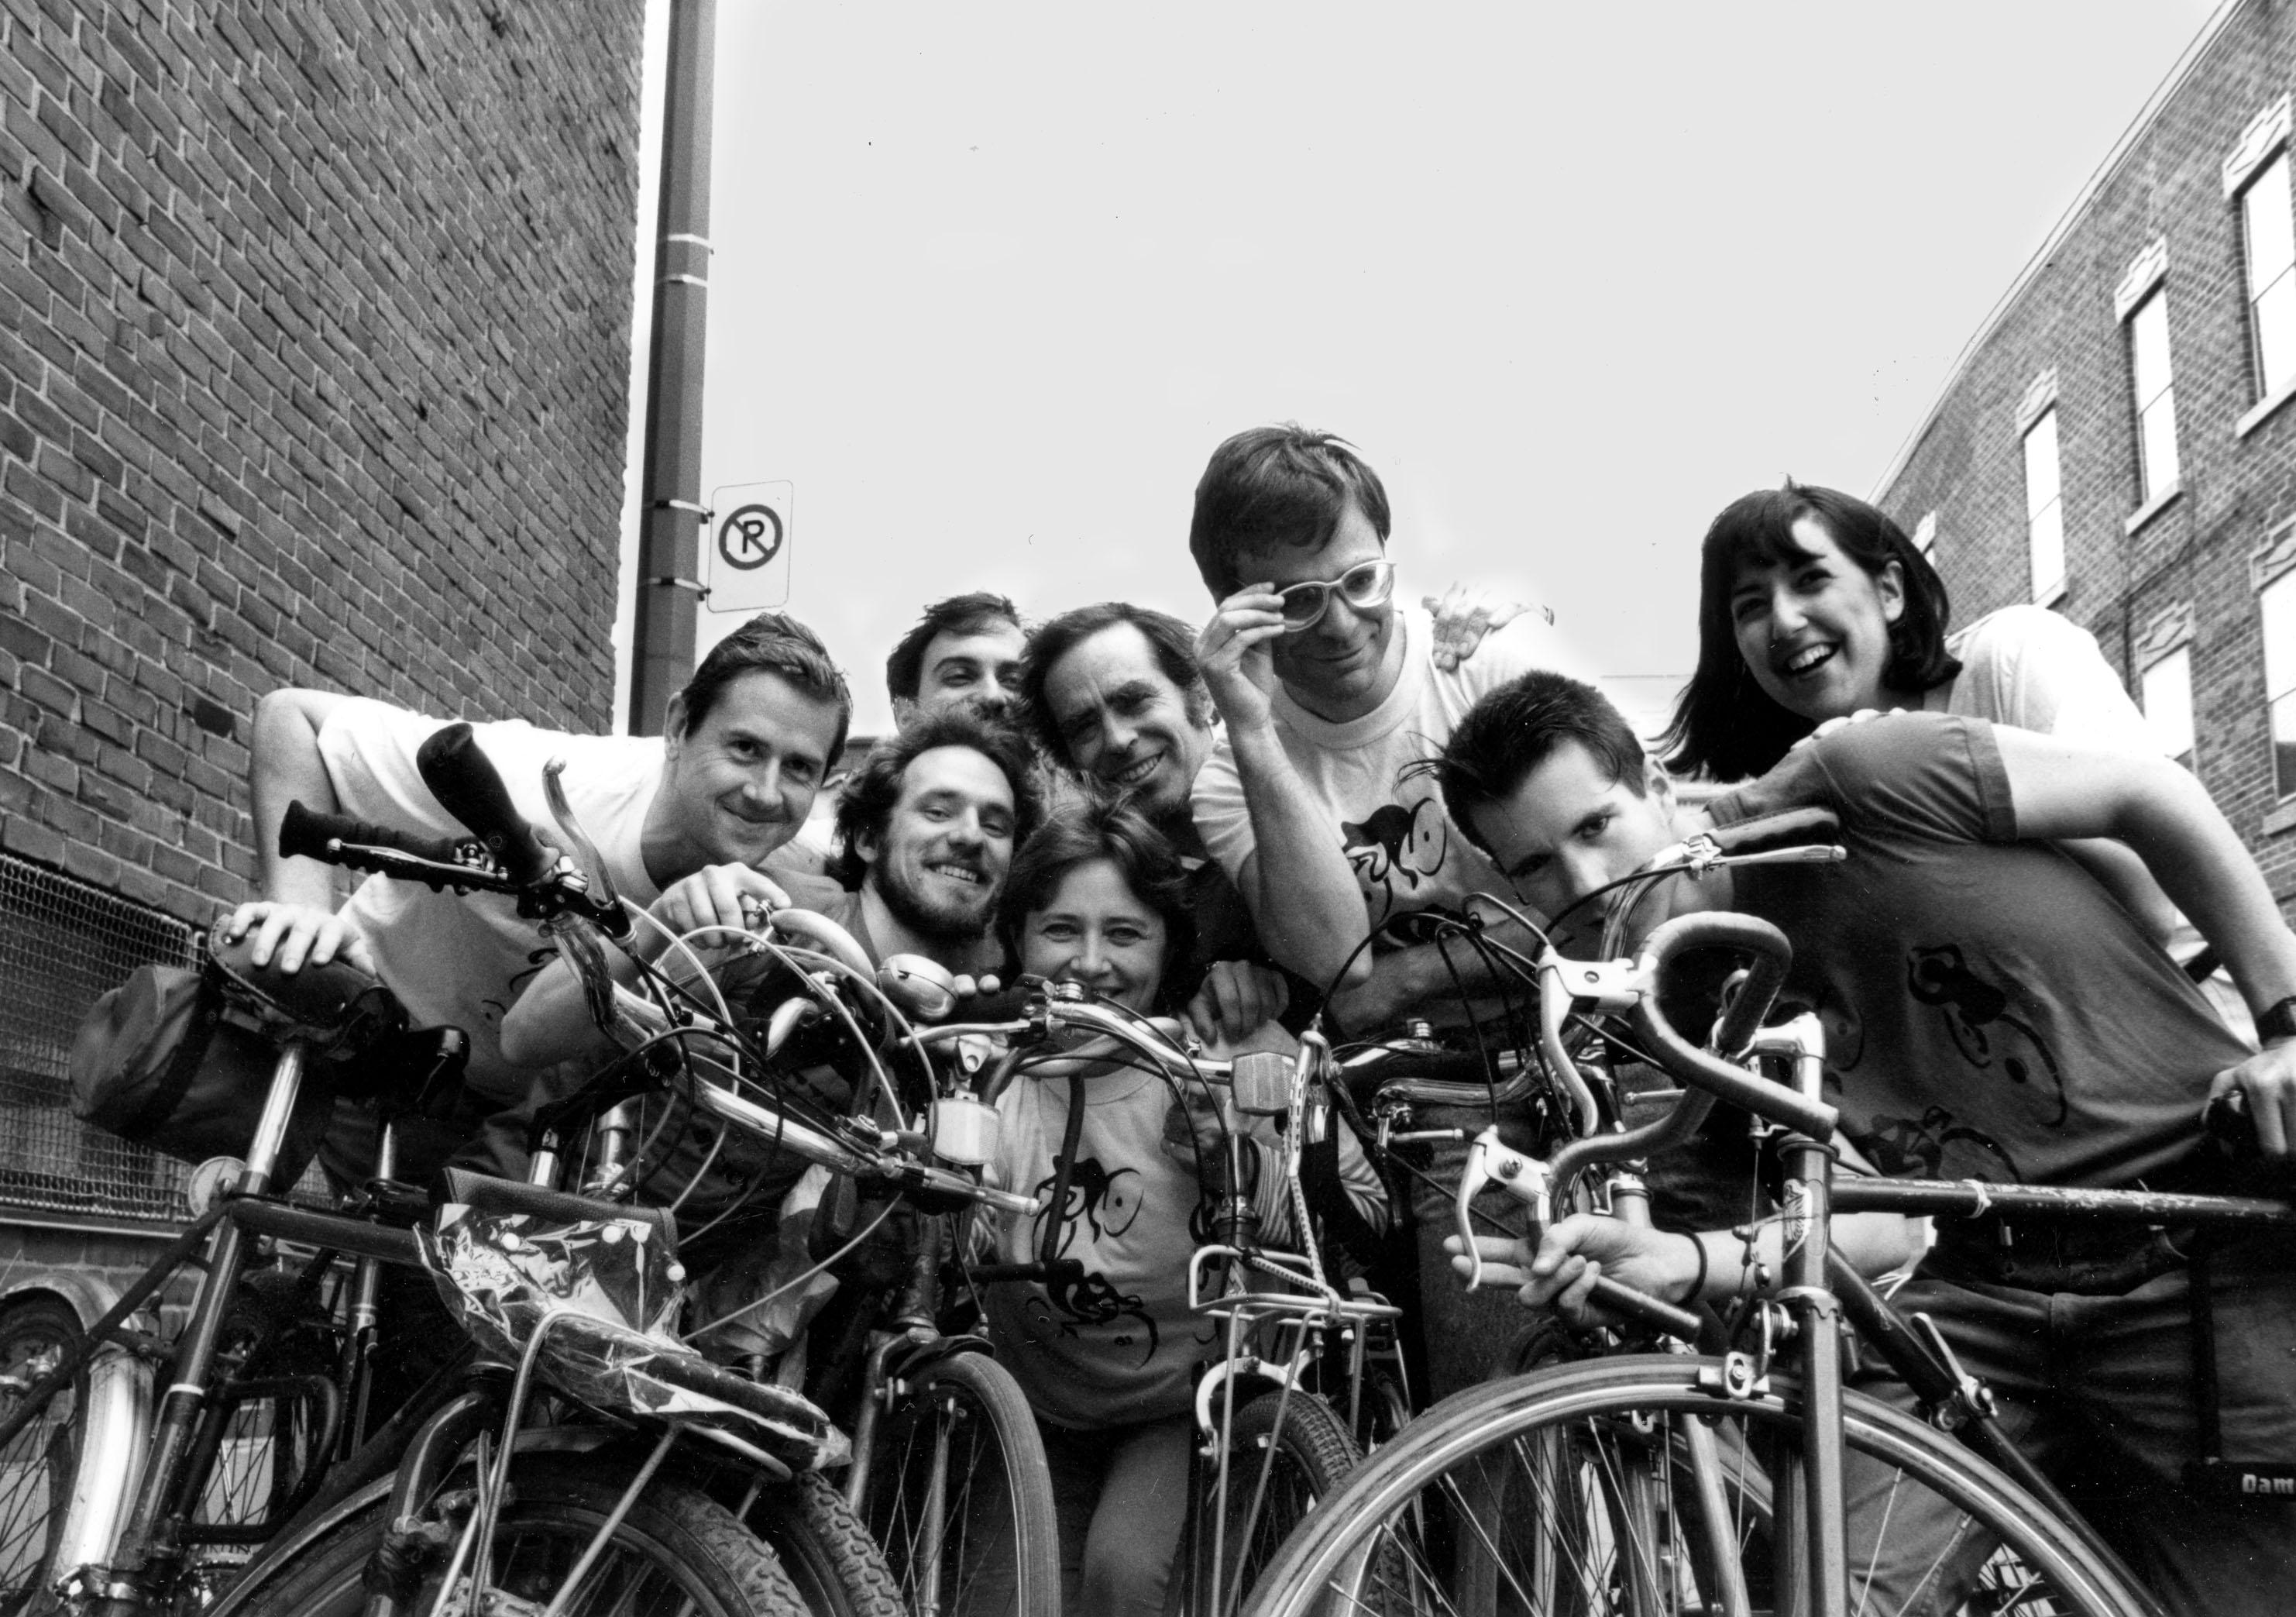 Membres du Monde à bicyclette dont, au centre, Claire Morissette et Robert Silverman